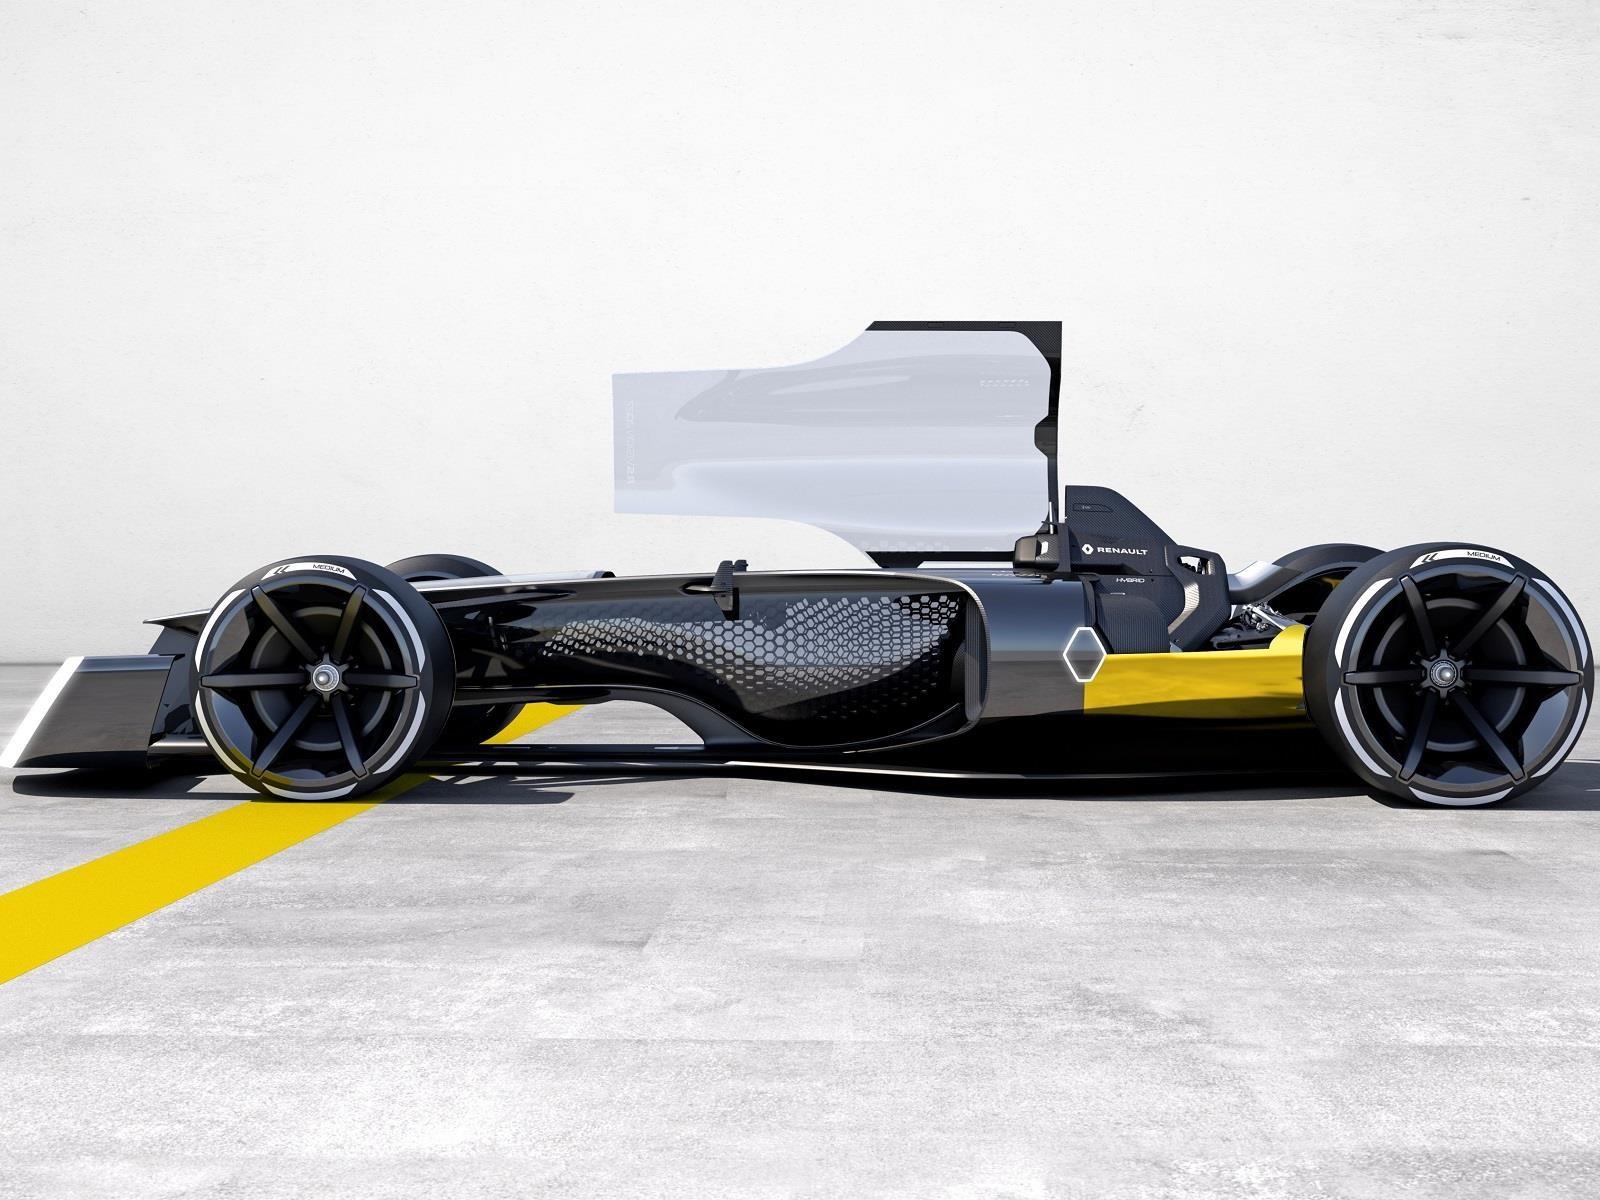 Renault R.S. 2027 Vision Concept, el monoplaza futurista